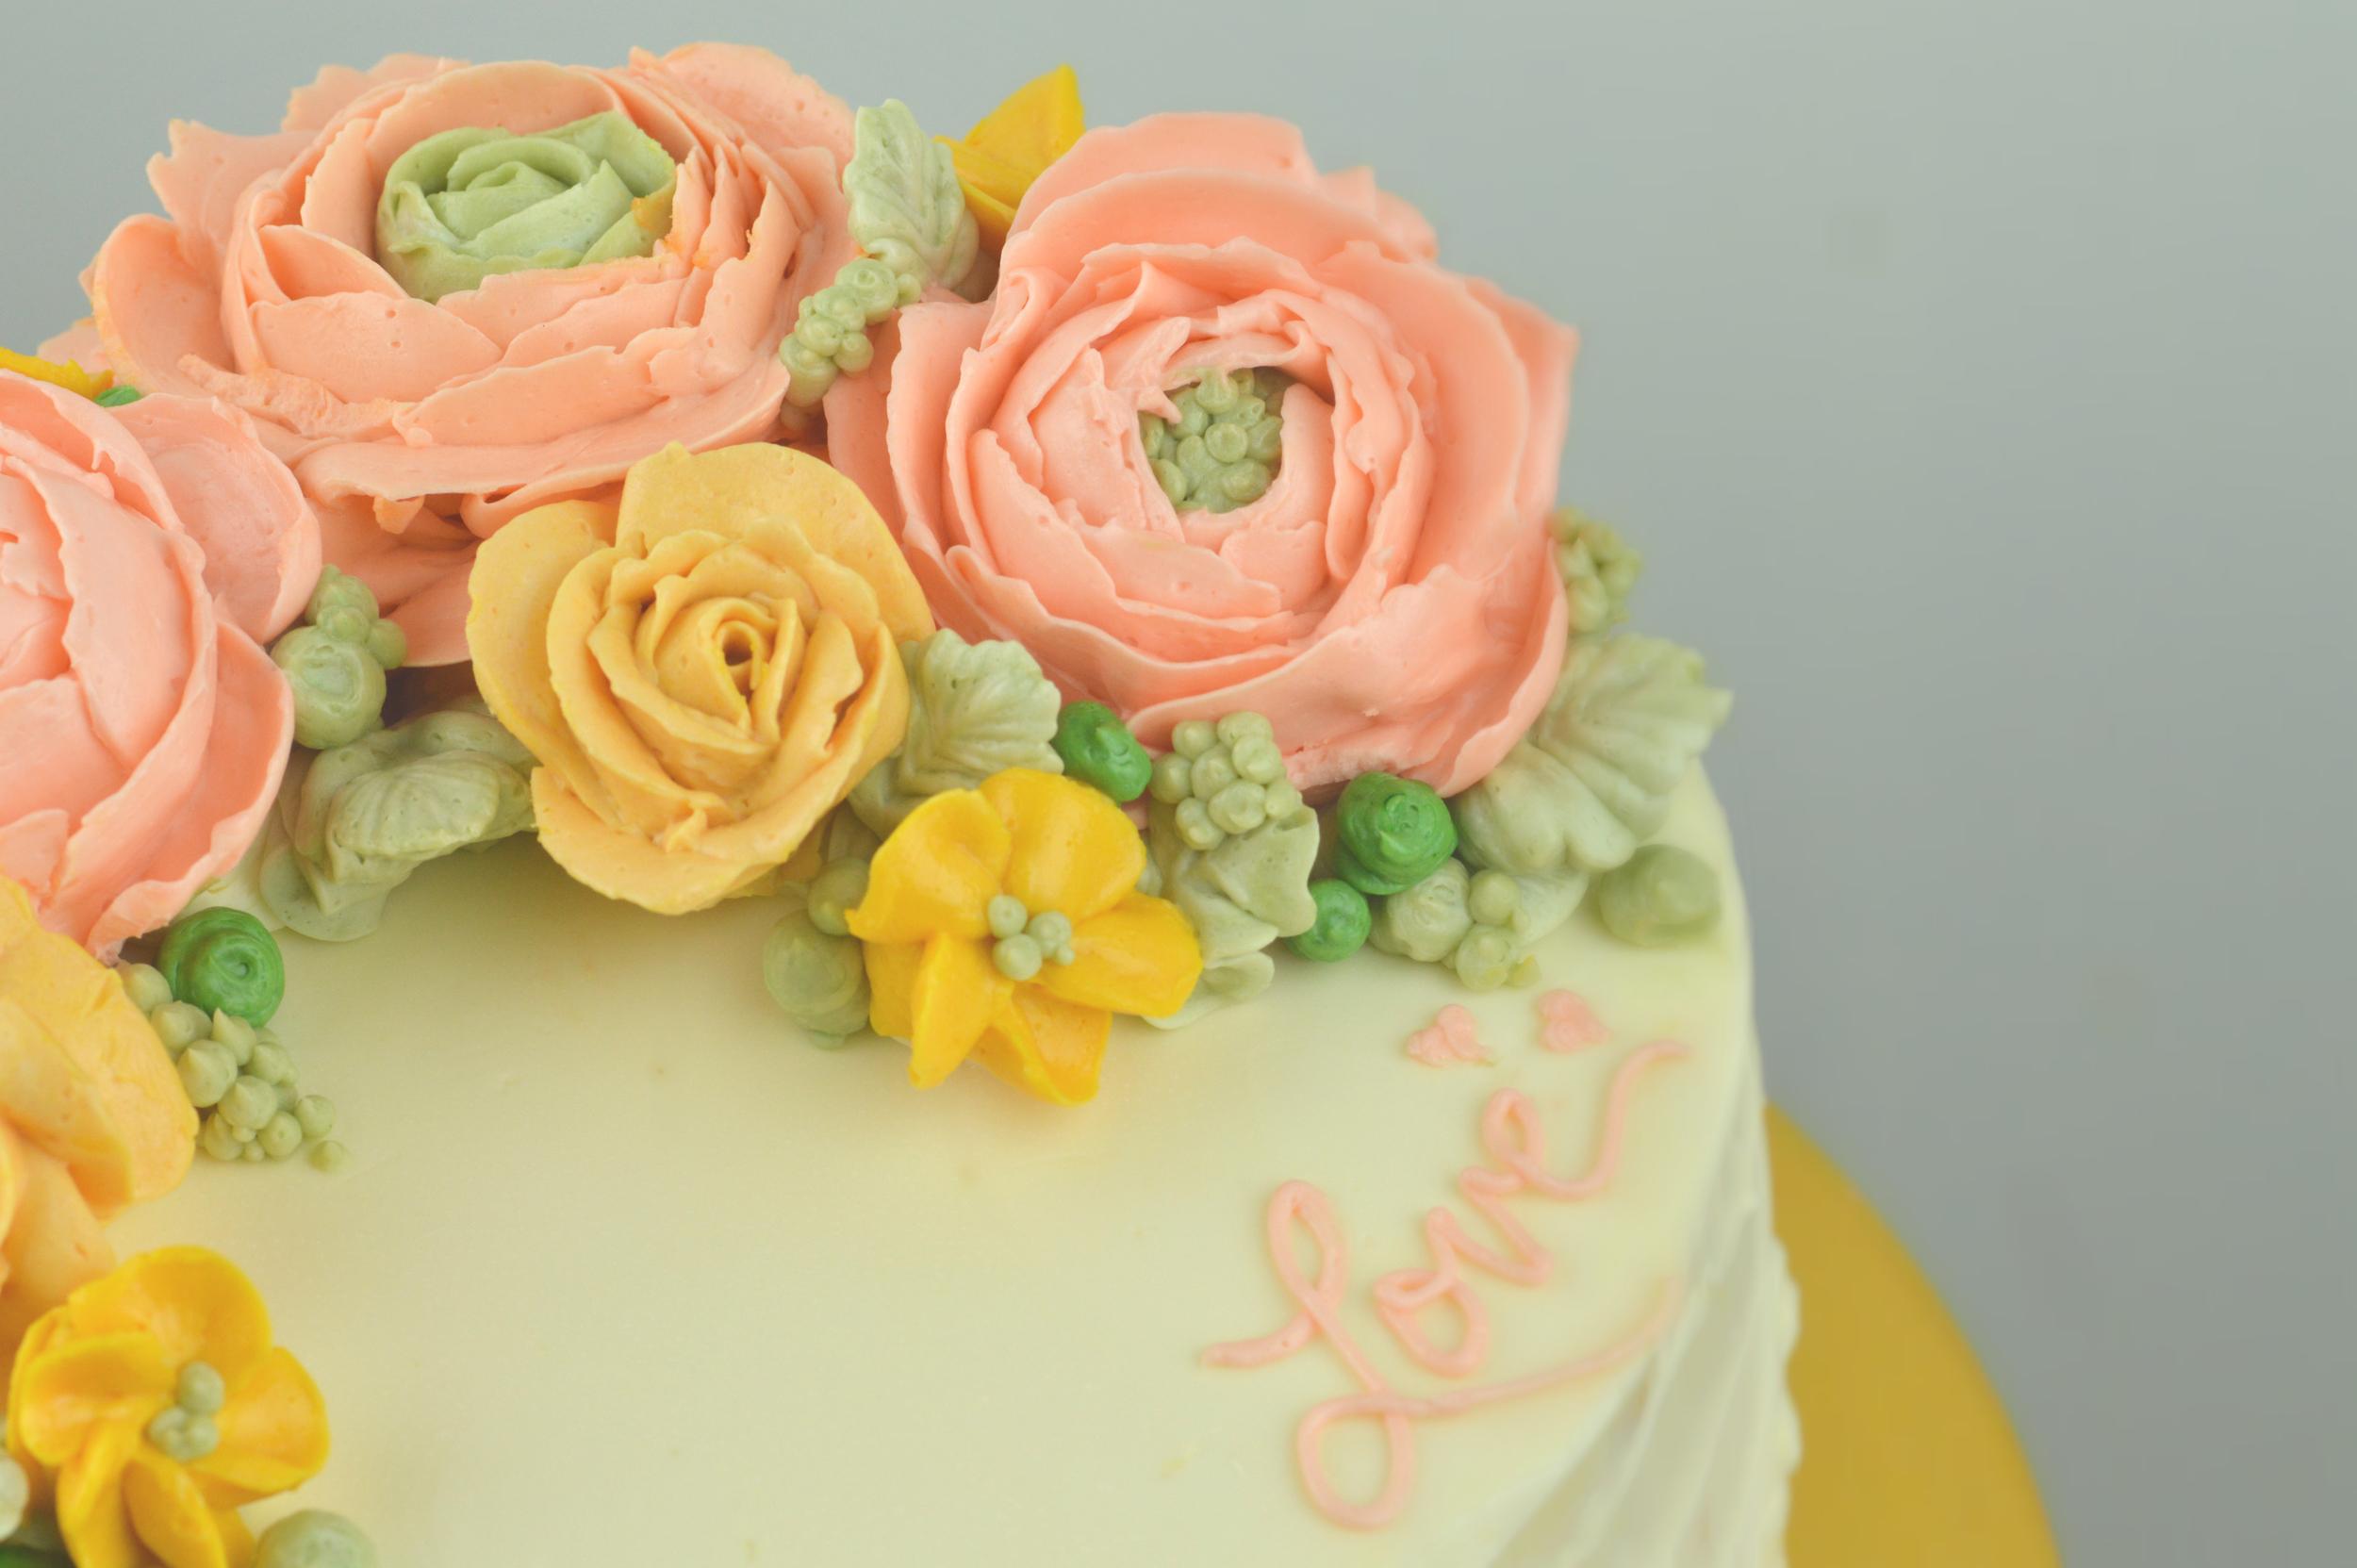 Buttercream floral details